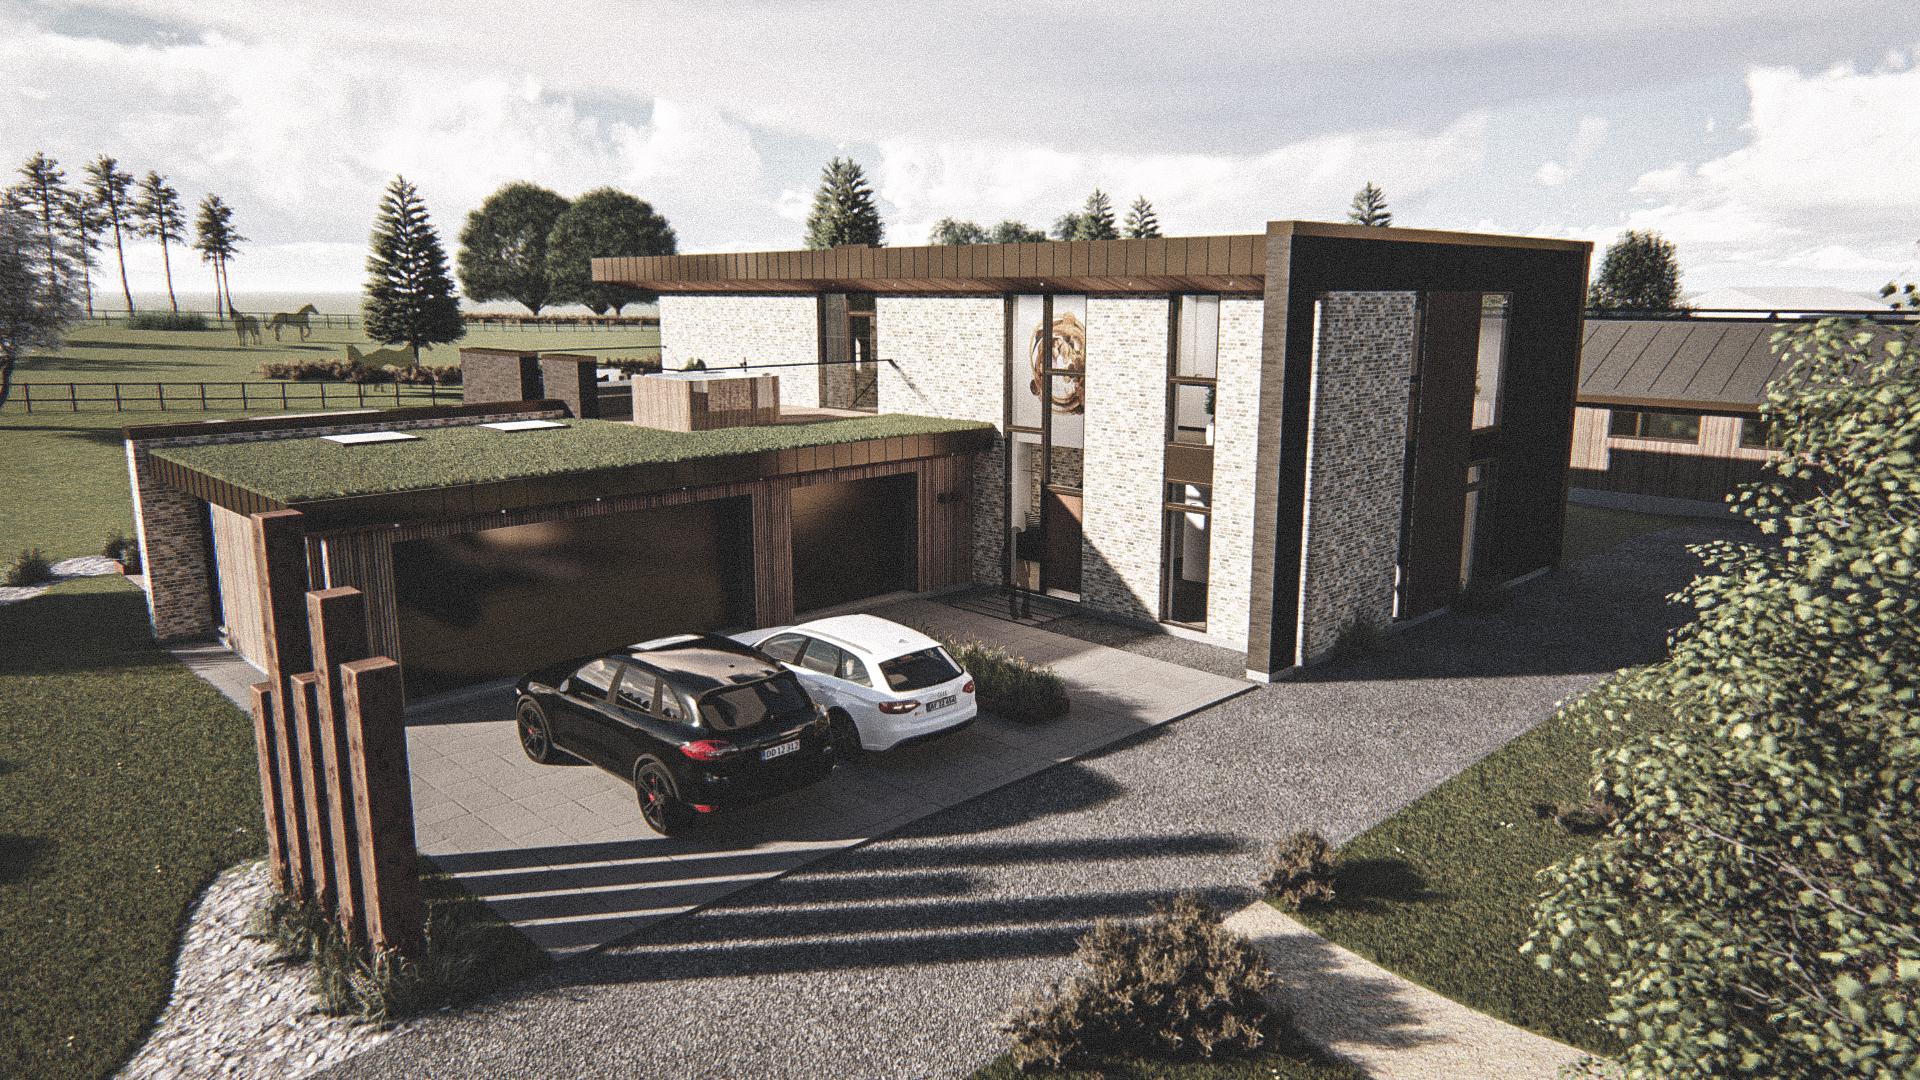 Billede af Dansk arkitekttegnet 2 plan villa af arkitektfirmaet m2plus, i Sejs på 335 kvartratmeter.